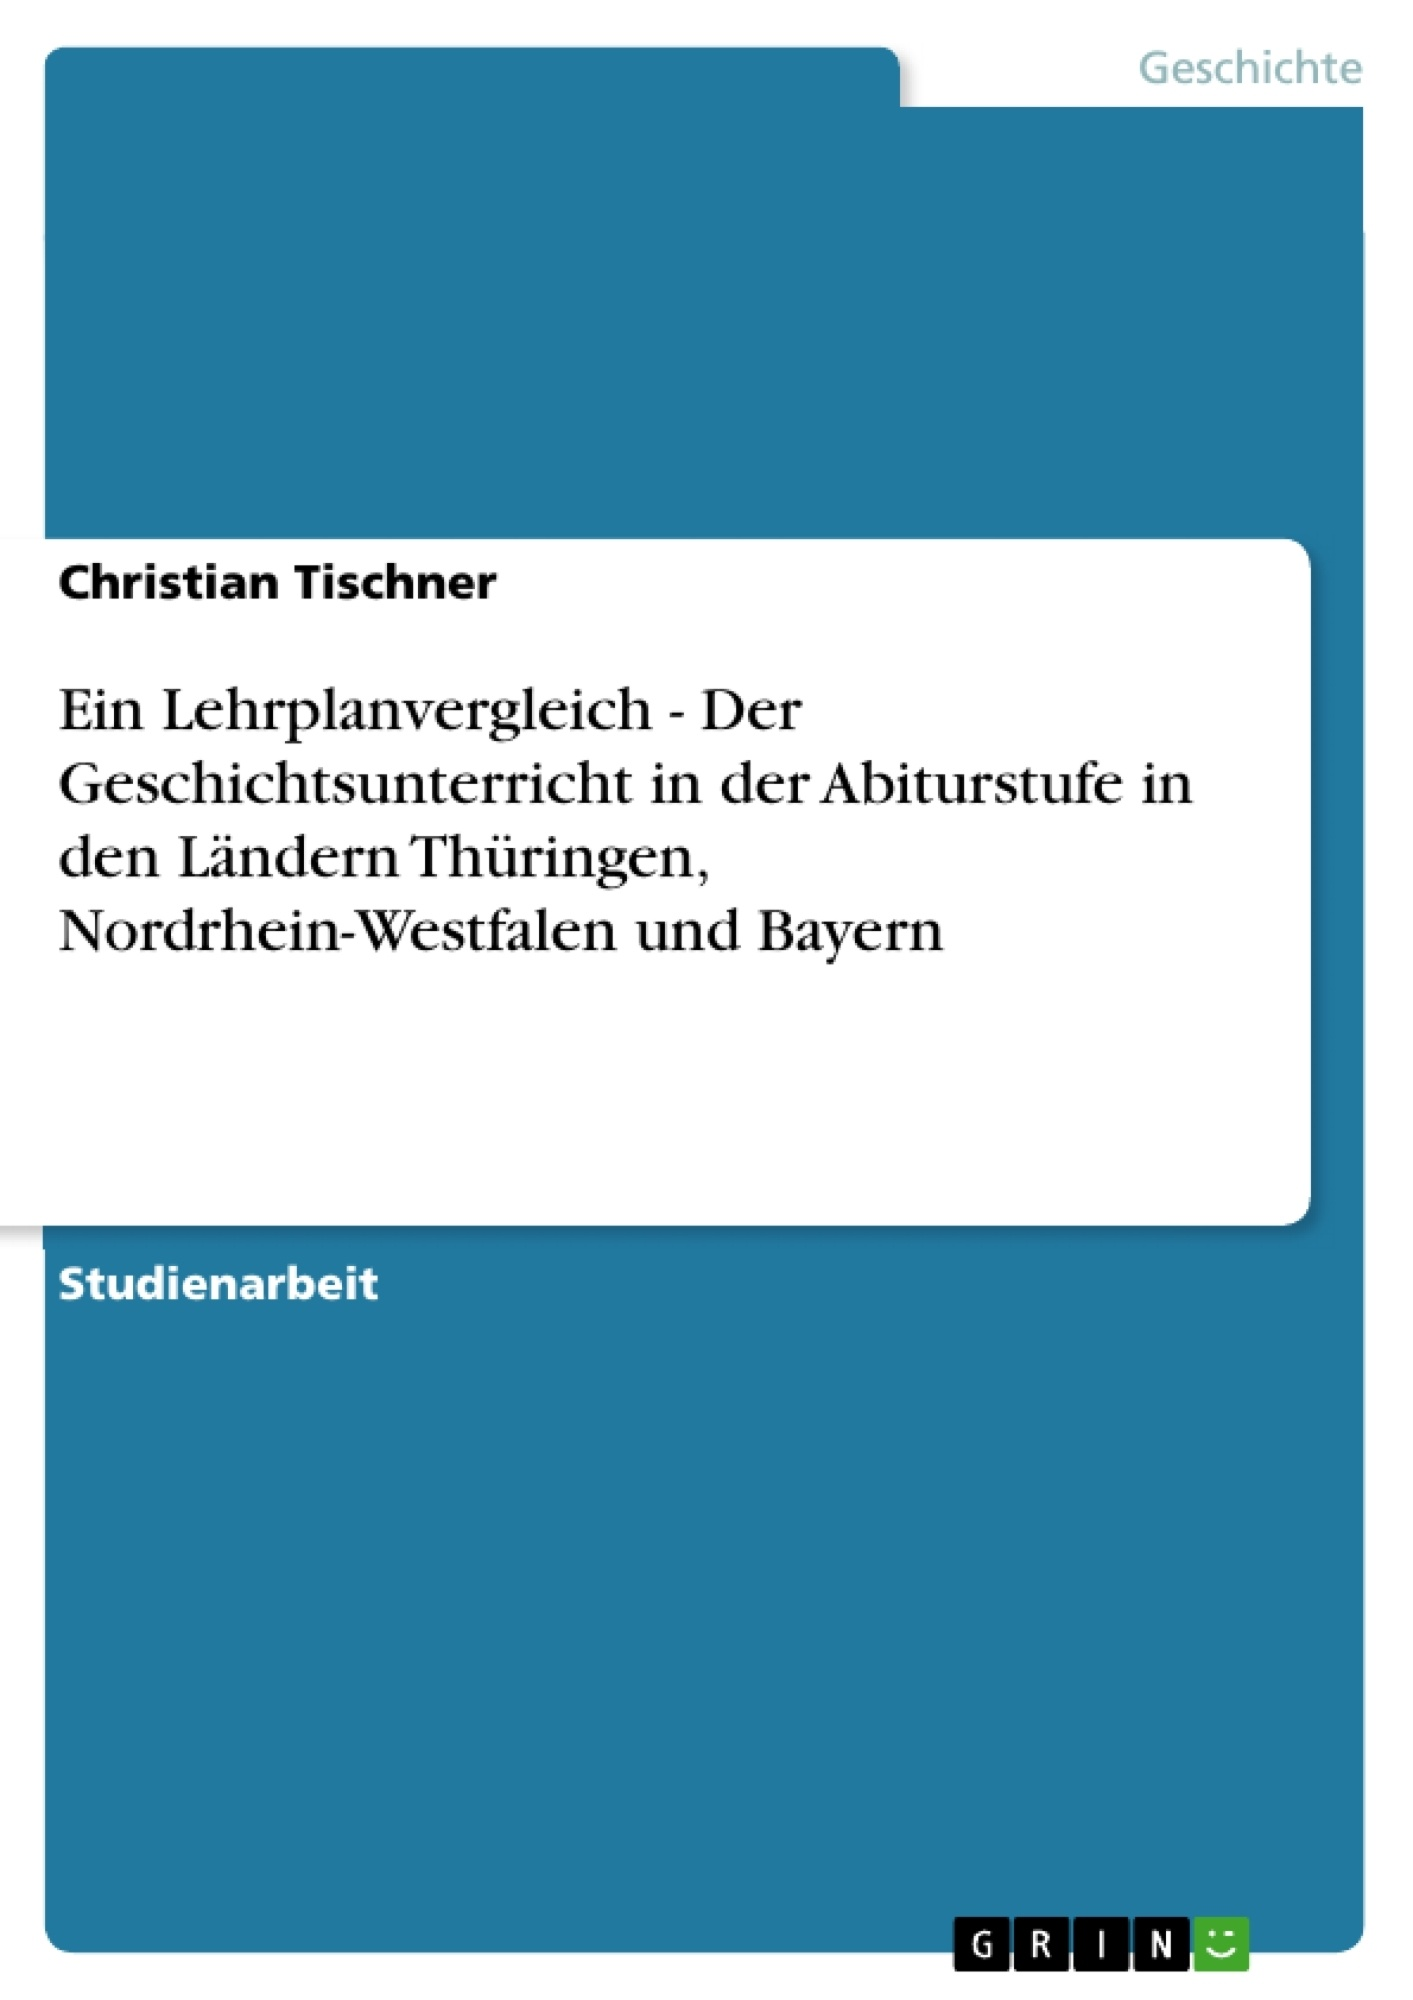 Titel: Ein Lehrplanvergleich - Der Geschichtsunterricht in der Abiturstufe in den Ländern Thüringen, Nordrhein-Westfalen und Bayern